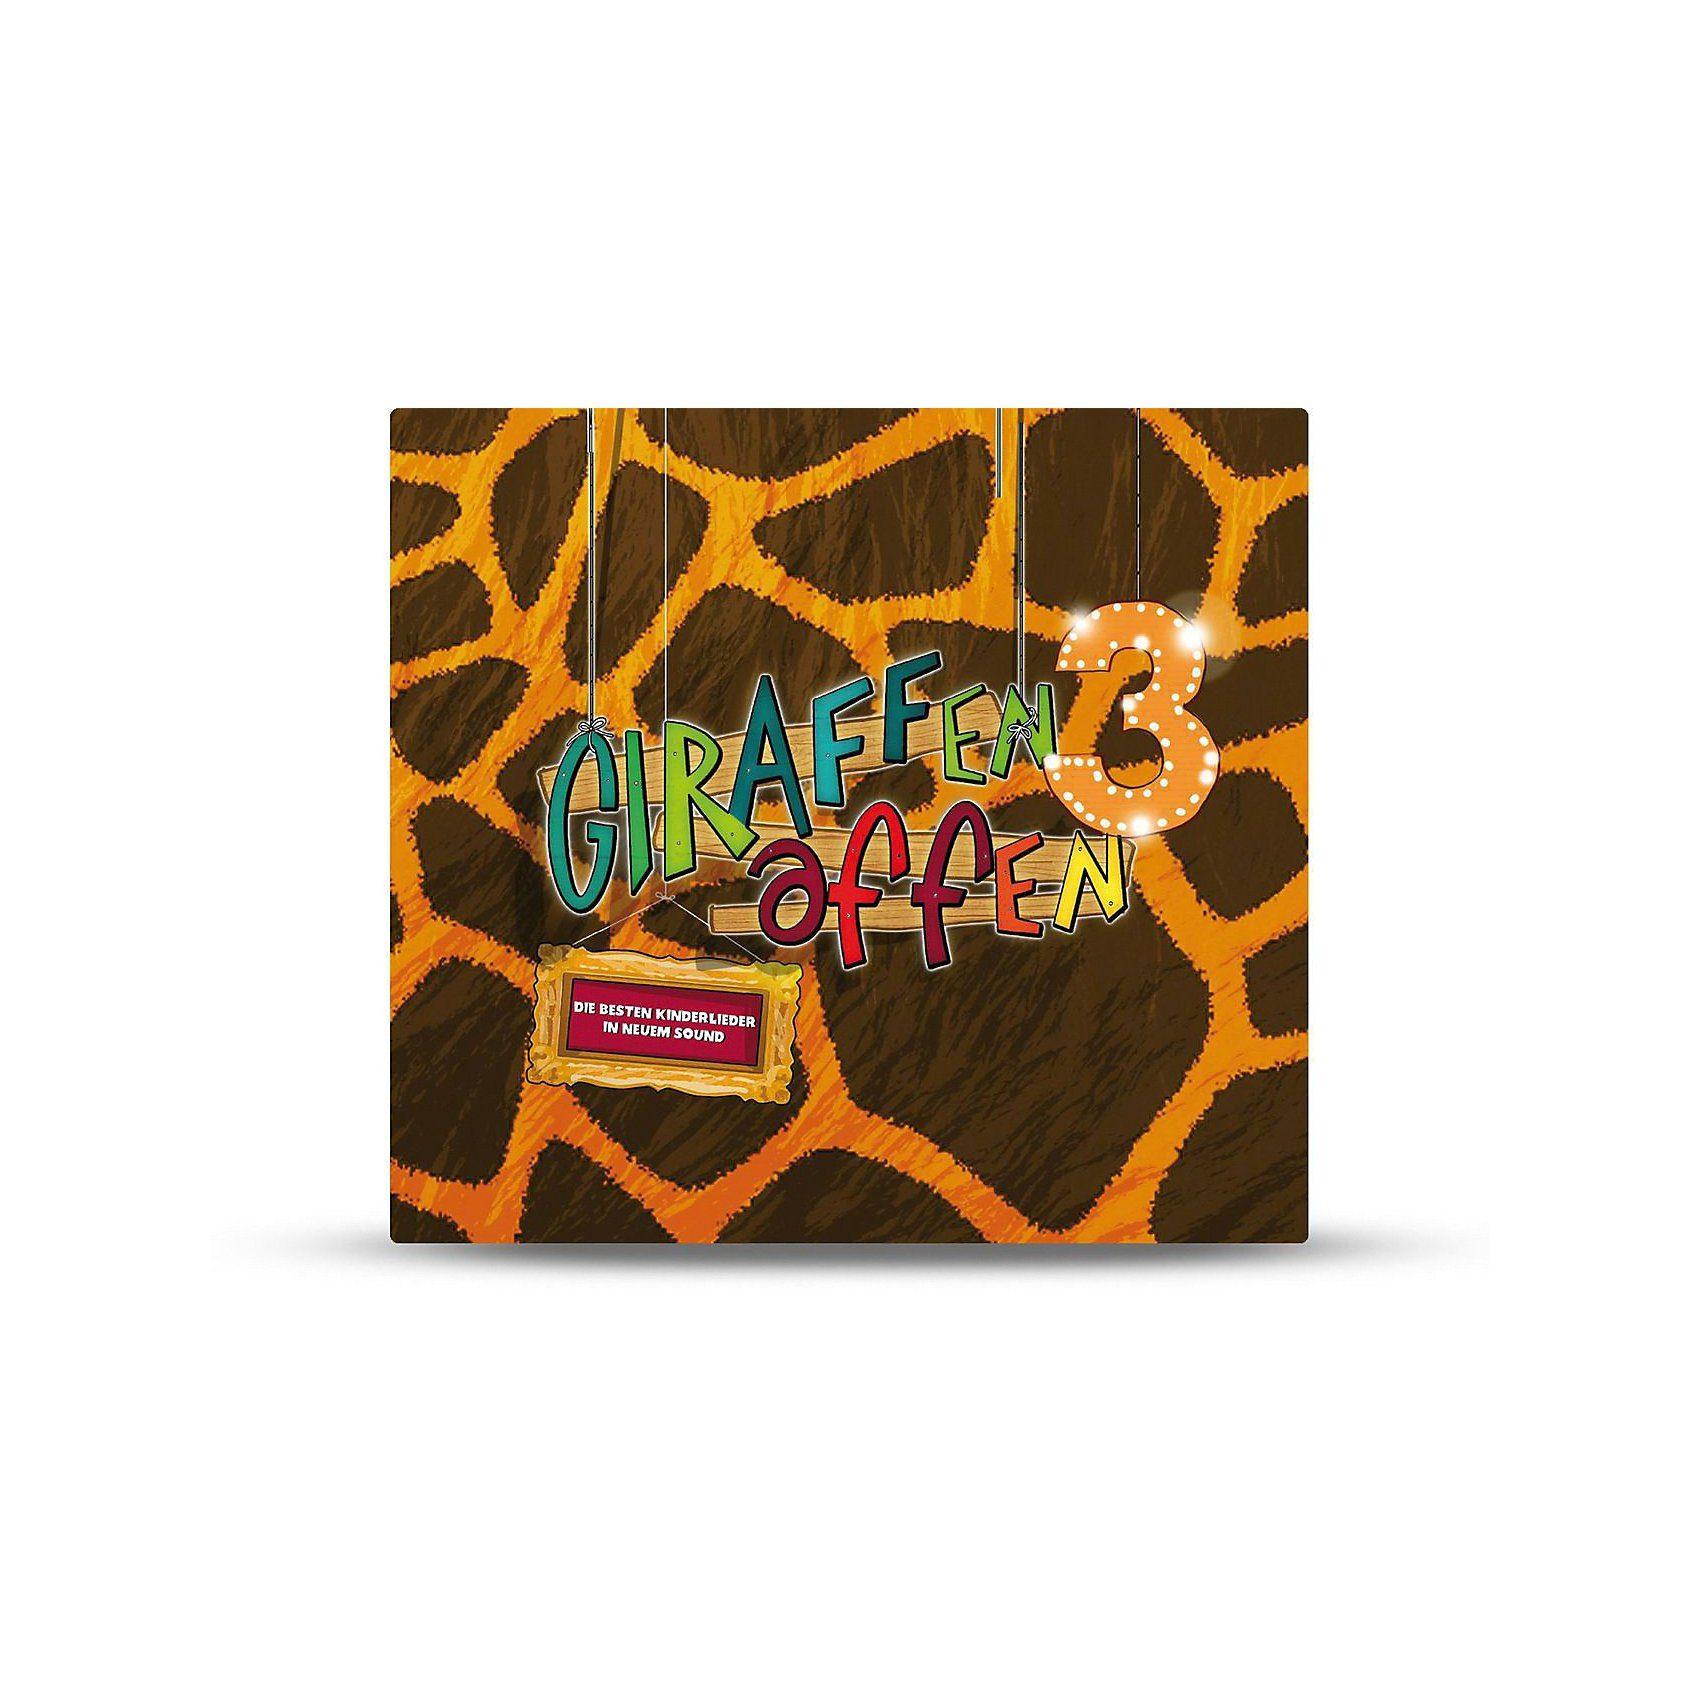 Universal CD Giraffenaffen 3 (Die Flauschige Edition)